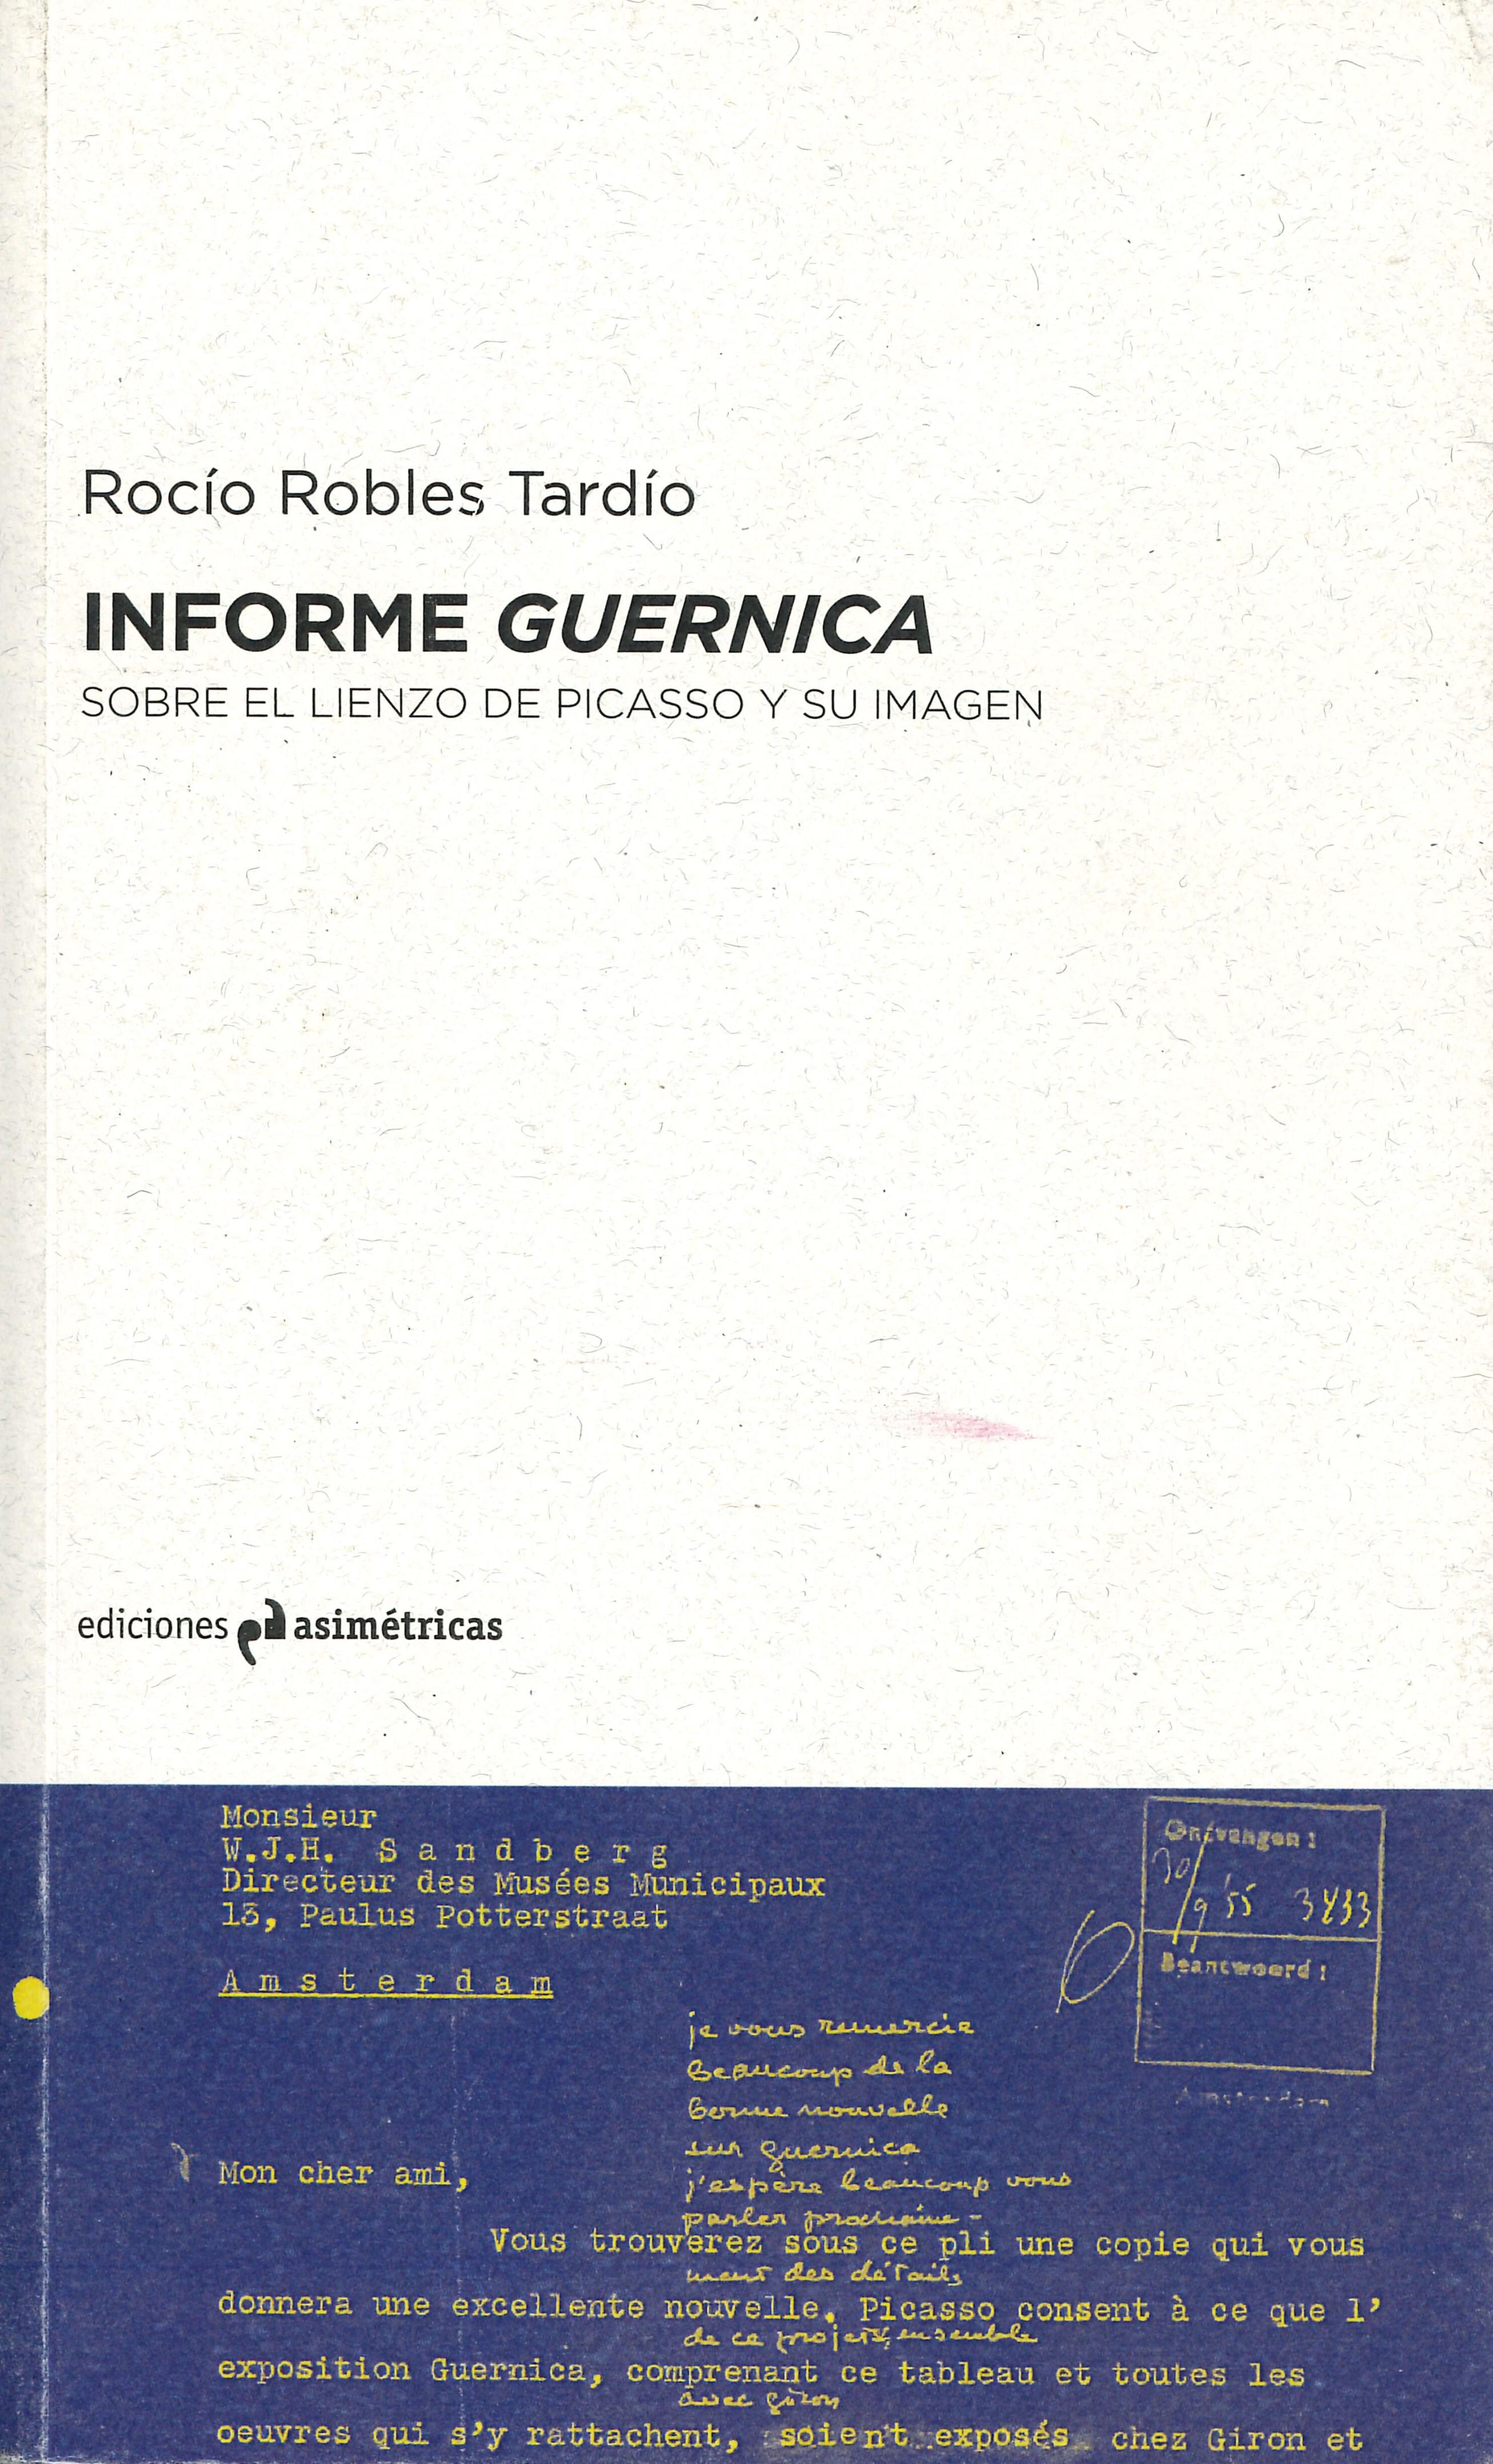 informe_guernica.jpg